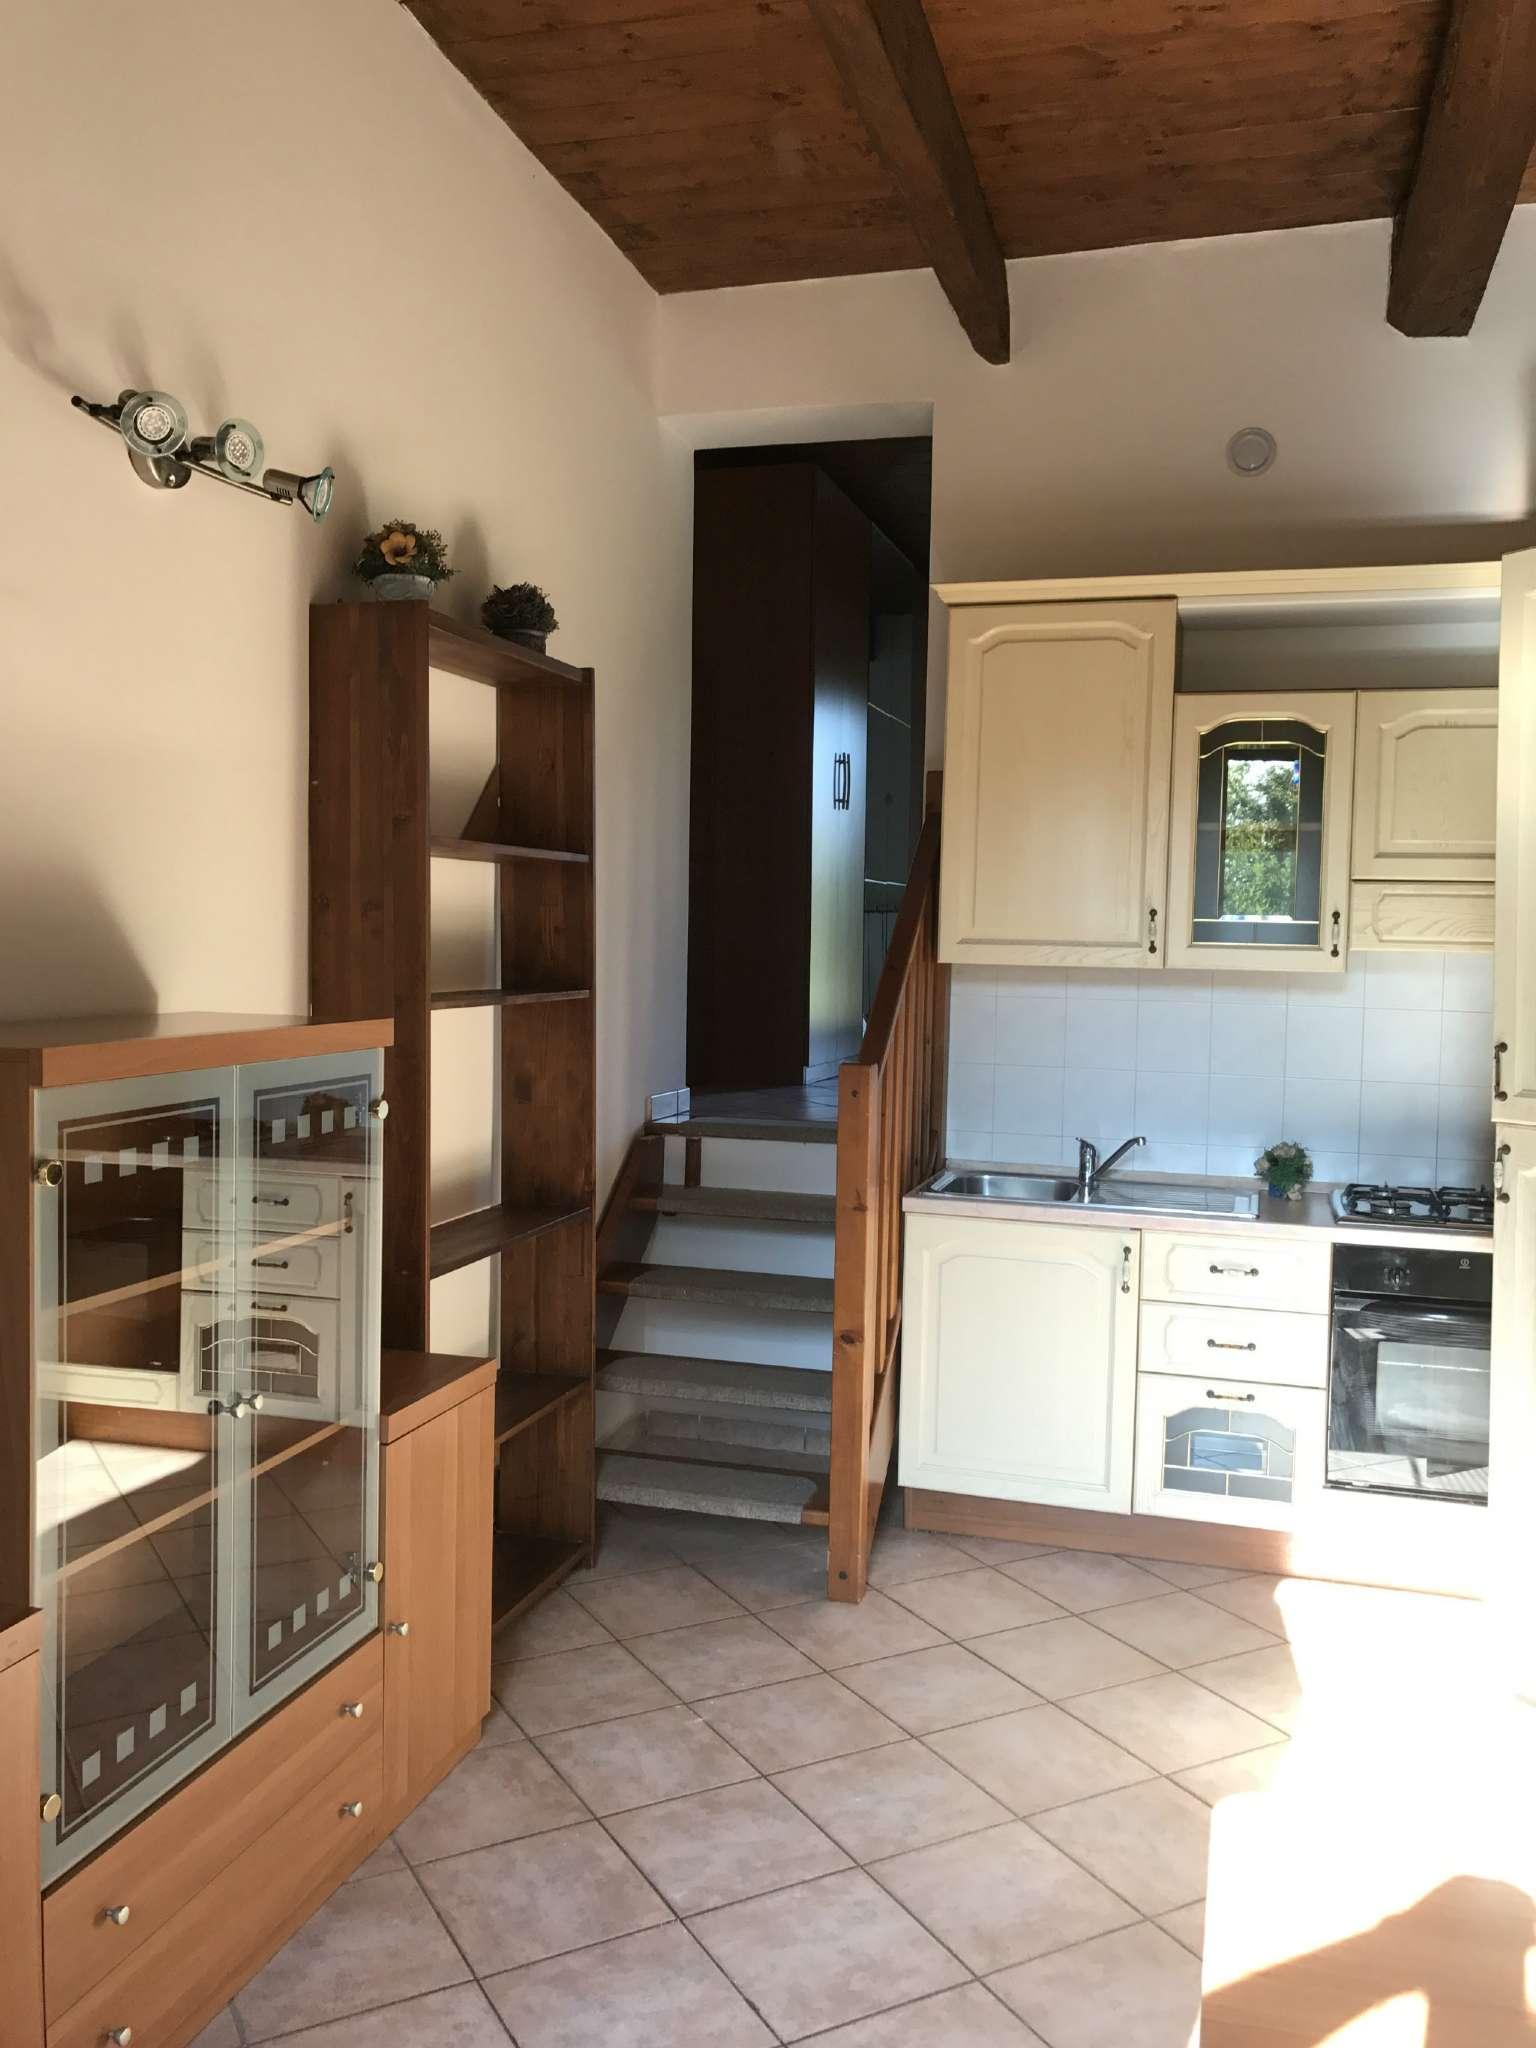 Appartamento in Vendita a Ravenna Periferia Sud: 2 locali, 48 mq